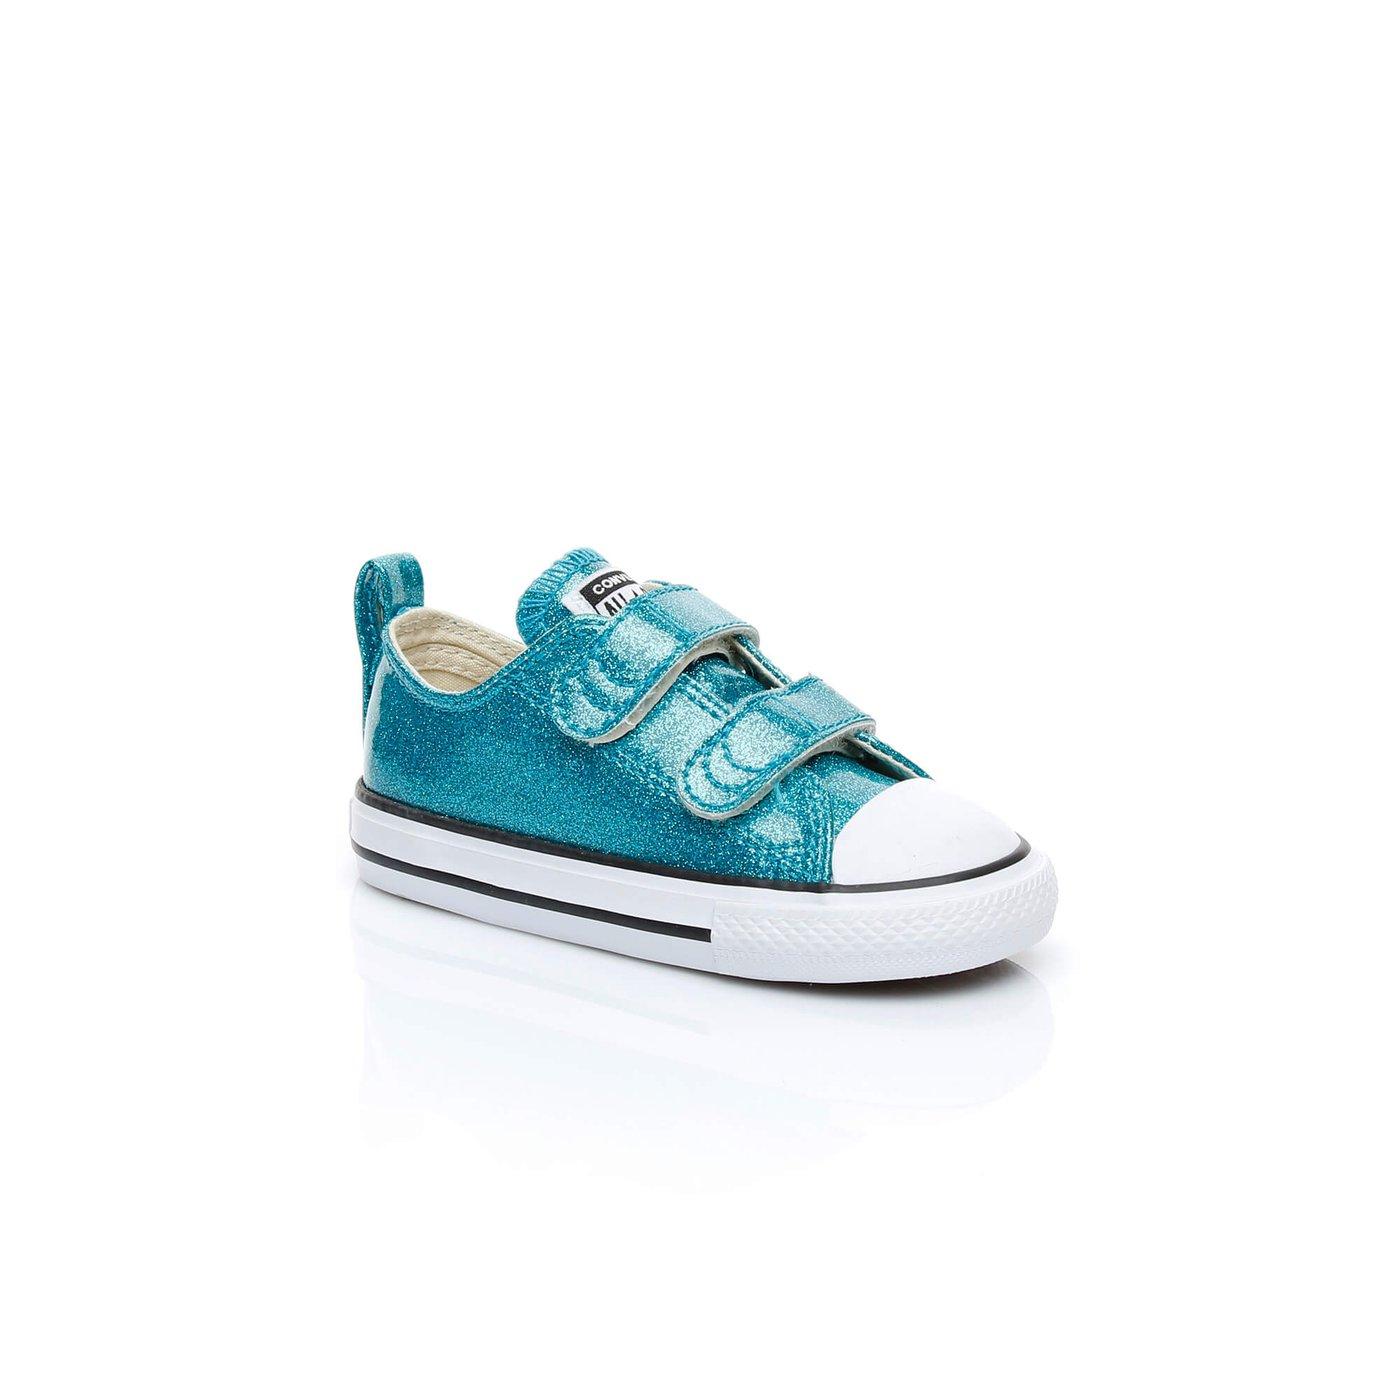 4c09bfa4684d80 Converse Chuck Taylor All Star V Çocuk Turkuaz Sneaker Çocuk Spor ...